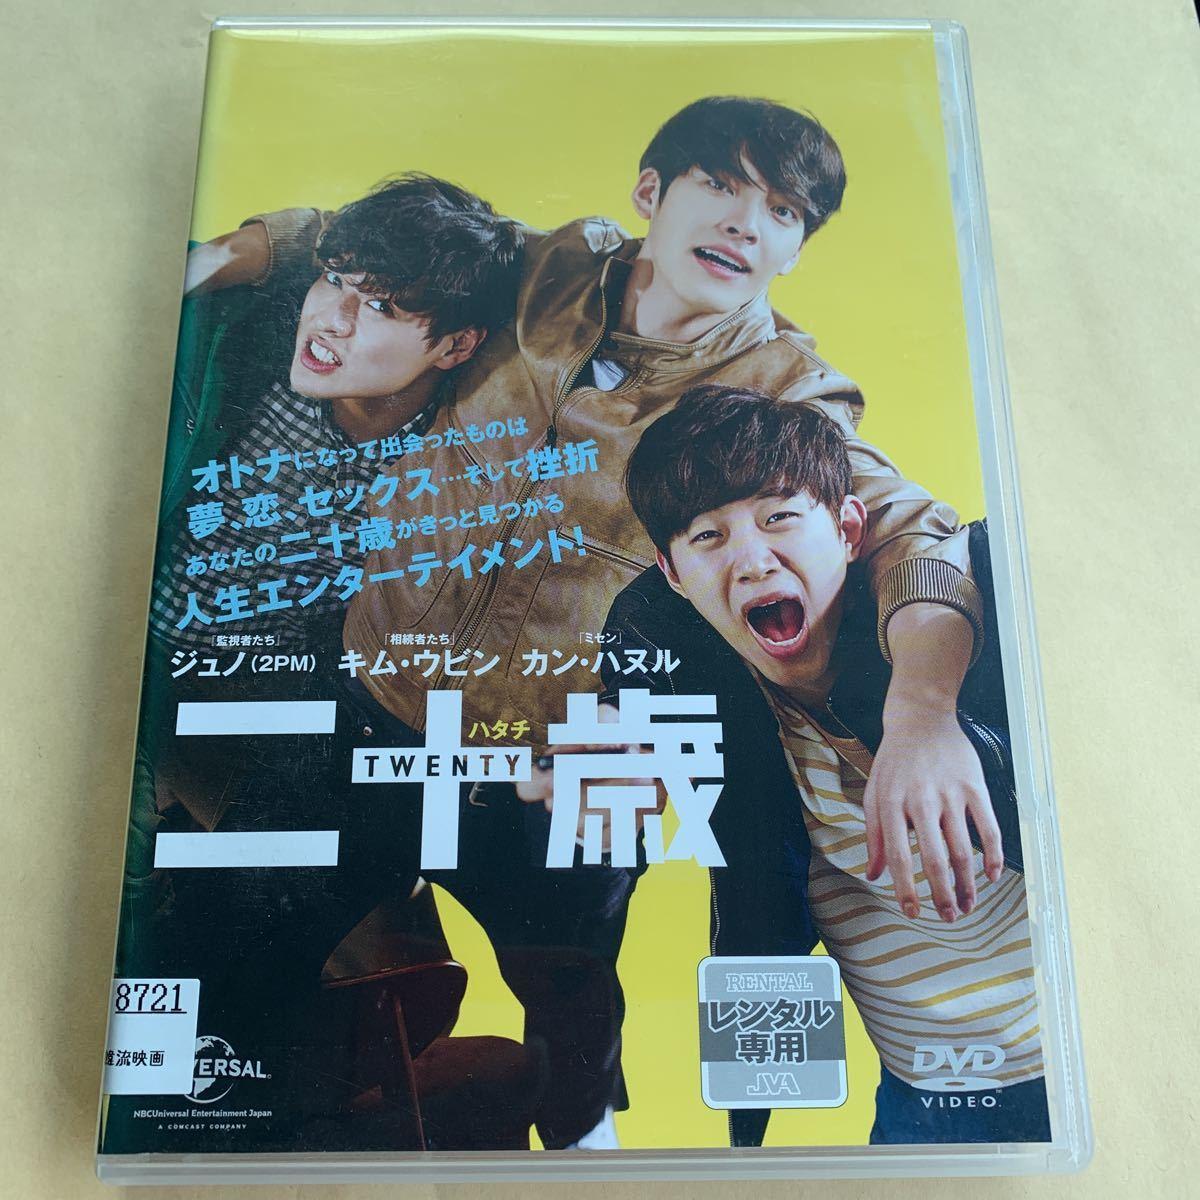 二十歳  DVD 韓国映画 韓流映画 ジュノ